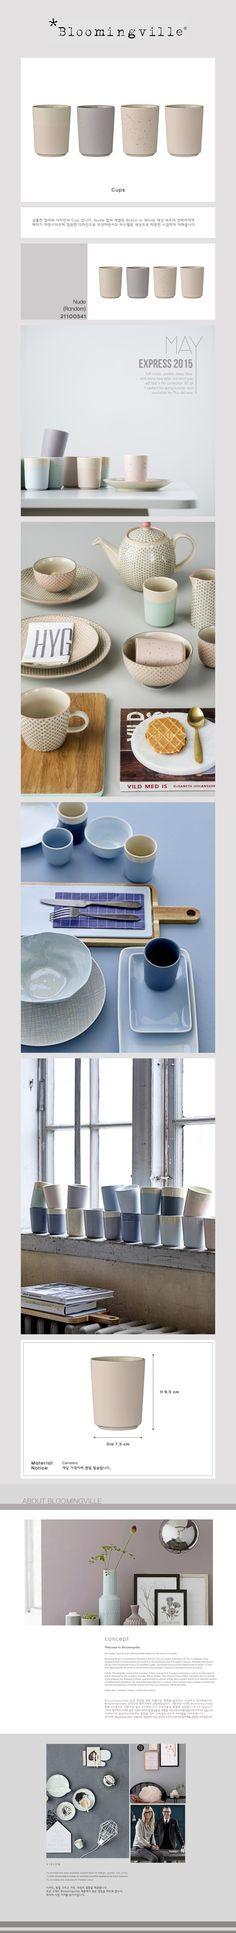 텐바이텐 10X10 : [BloomingVille]Cups, Nude 21100541 컵